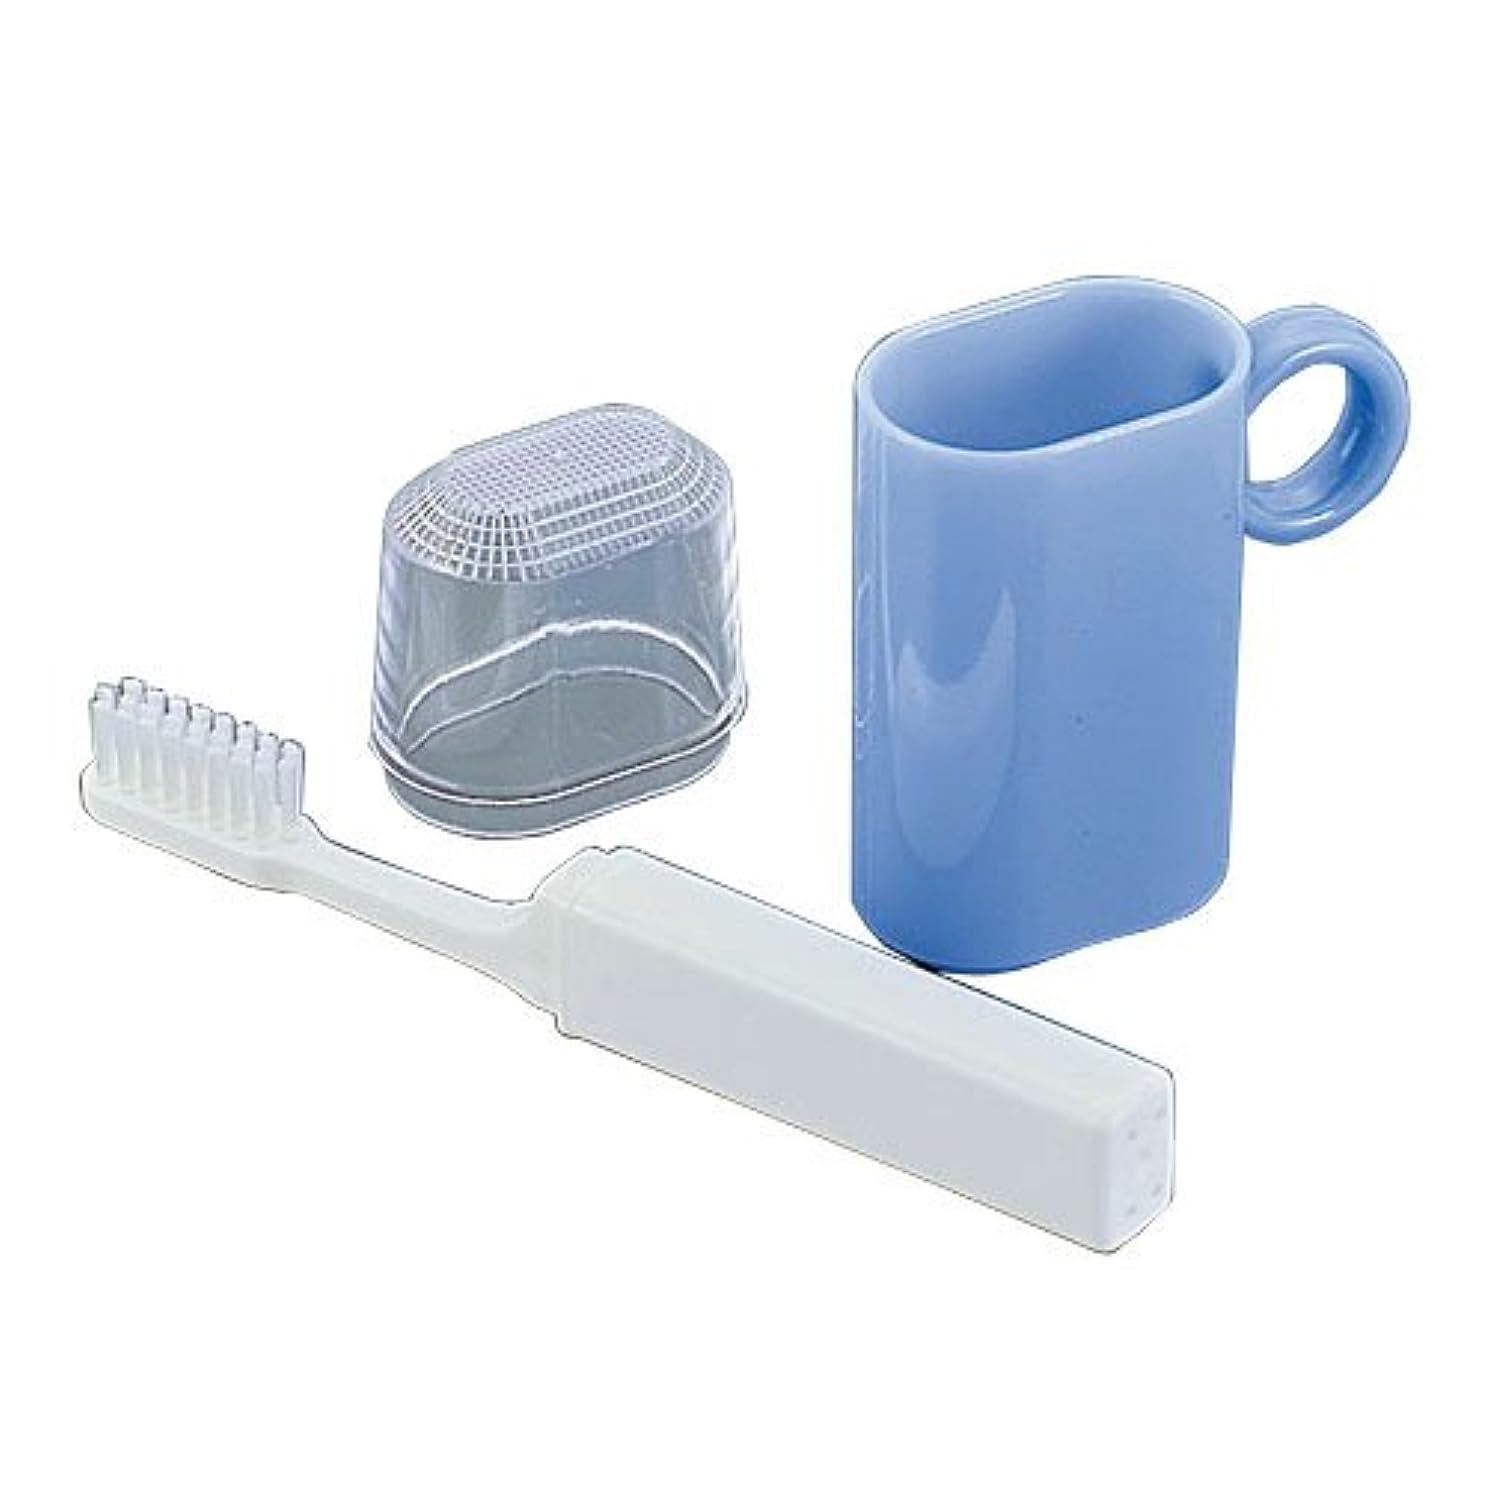 非互換拮抗する黄ばむコップ付歯ブラシセット ブルー